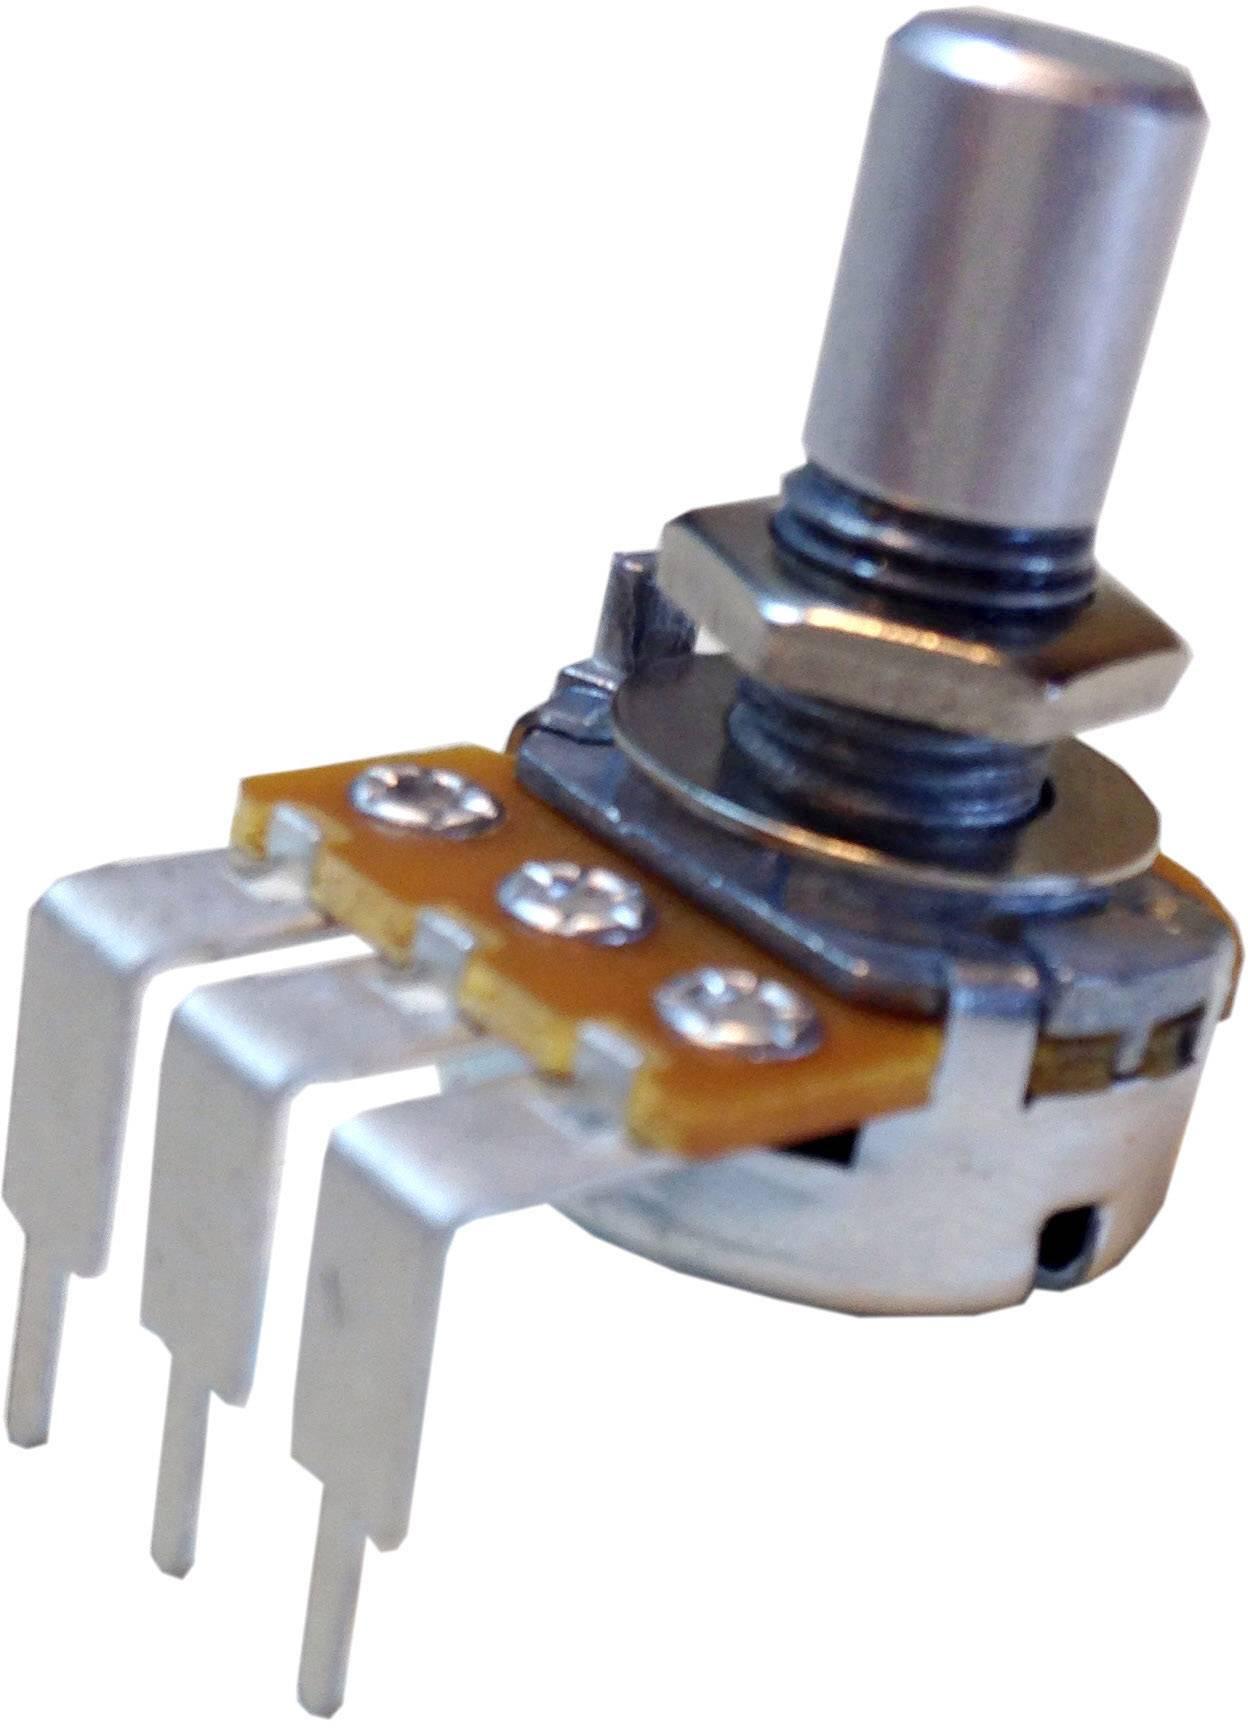 Otočný potenciometer mono Potentiometer Service RV16AF-41-15R1-A250k RV16AF-41-15R1-A250k, 0.5 W, 250 kOhm, 1 ks